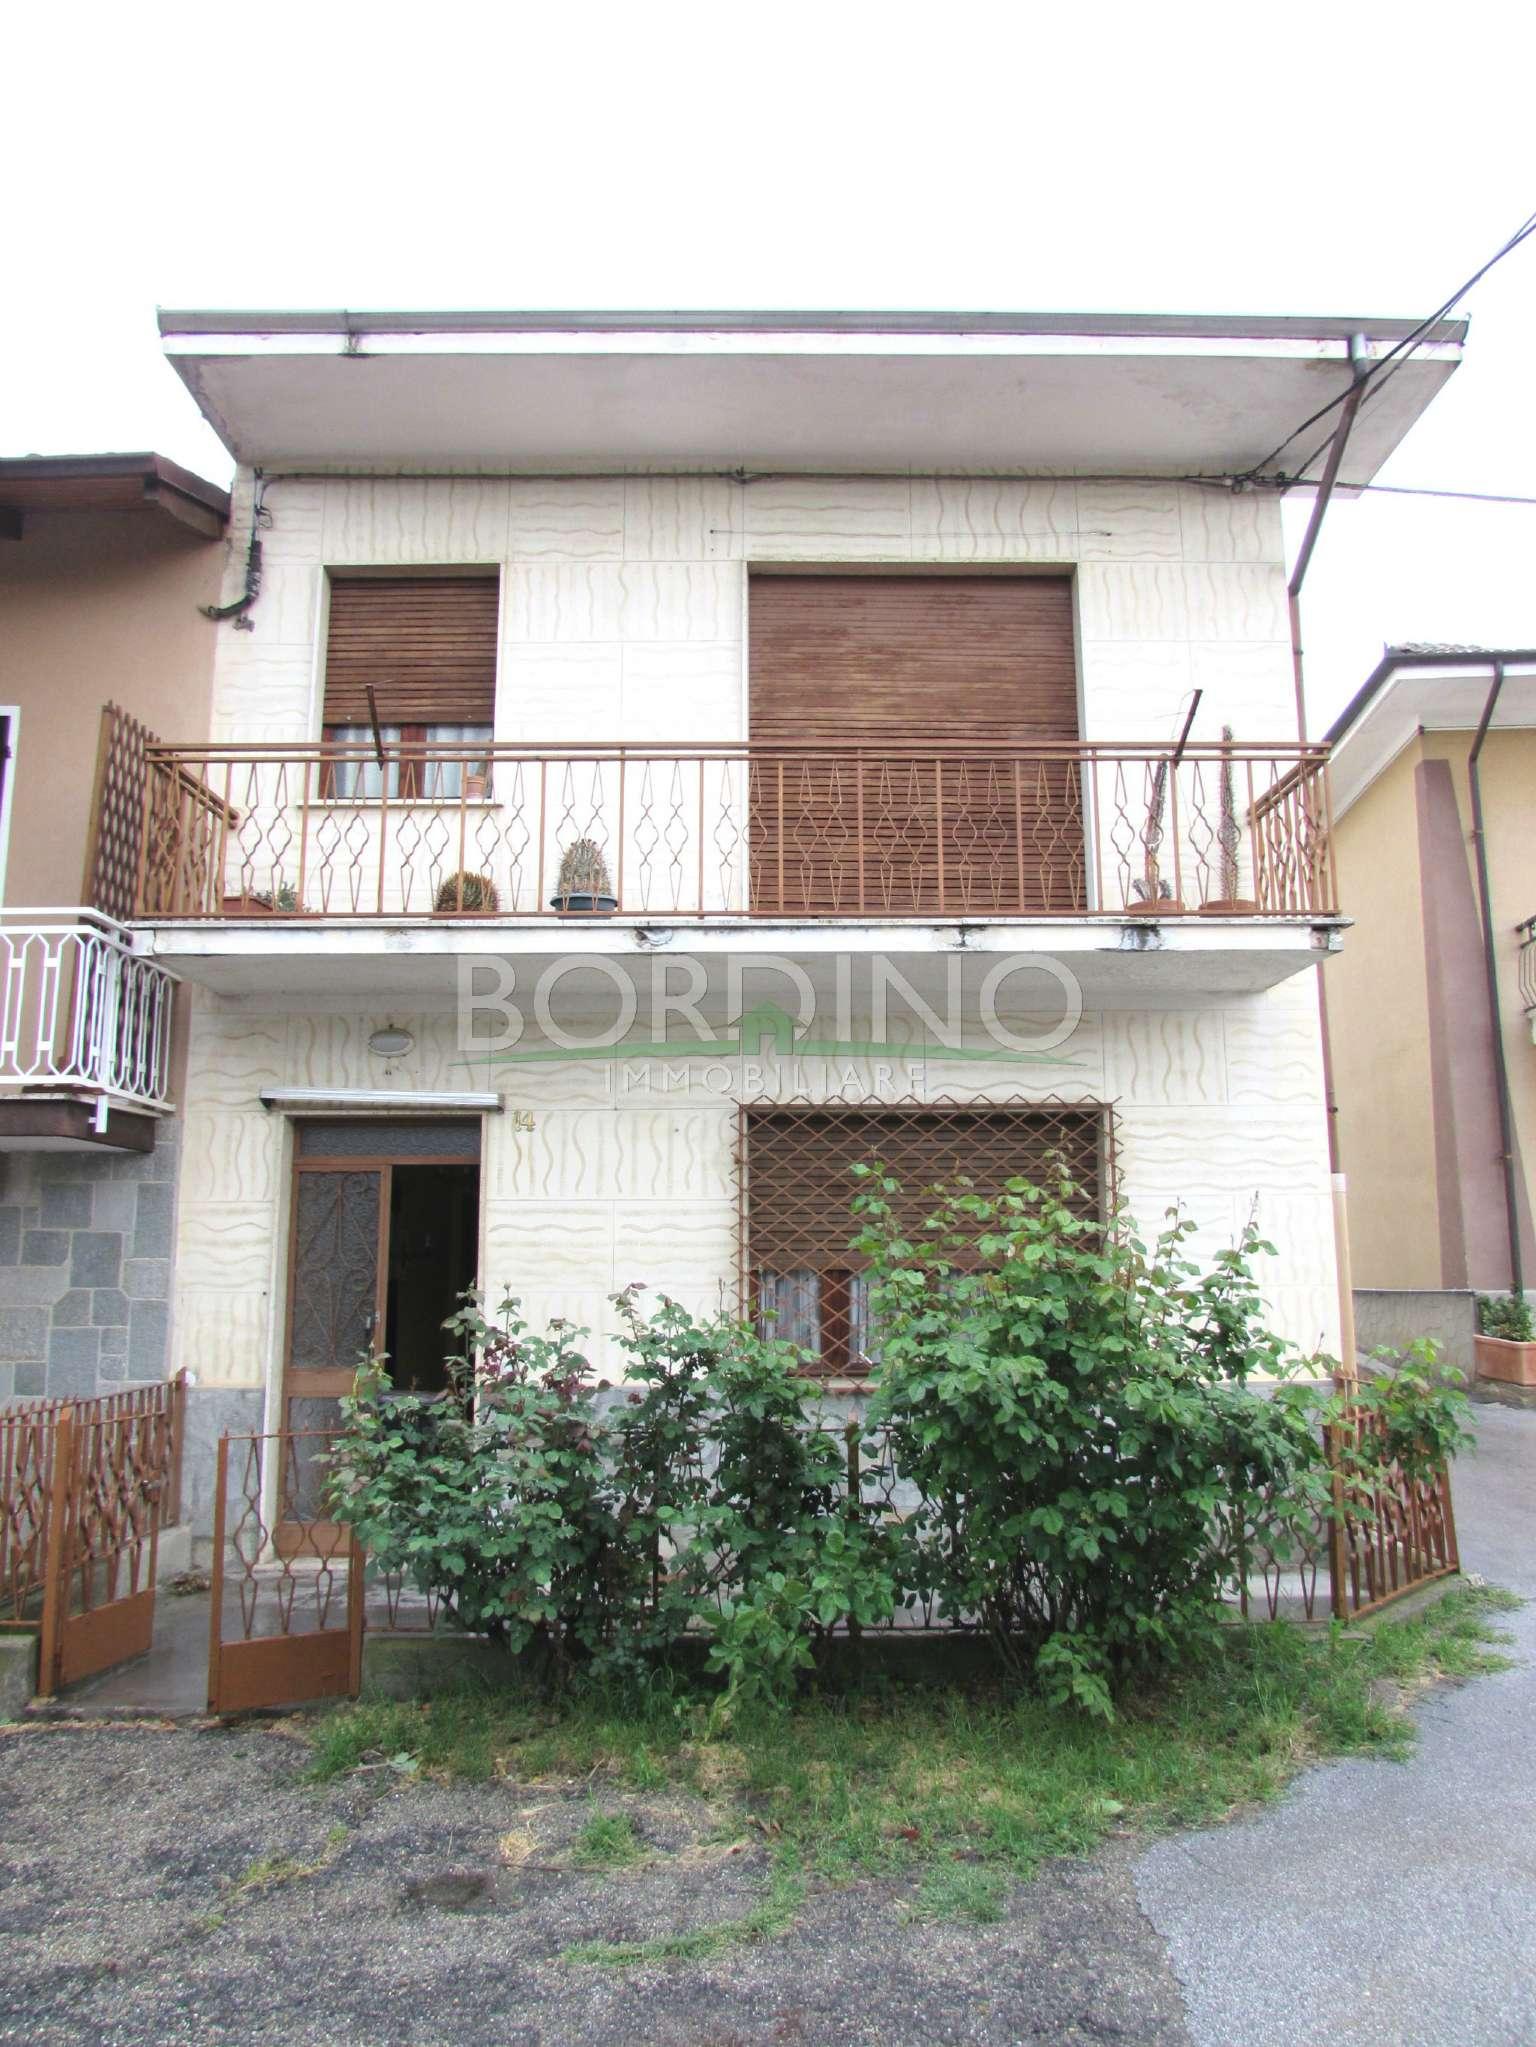 Soluzione Indipendente in vendita a Sommariva Perno, 5 locali, prezzo € 85.000 | CambioCasa.it